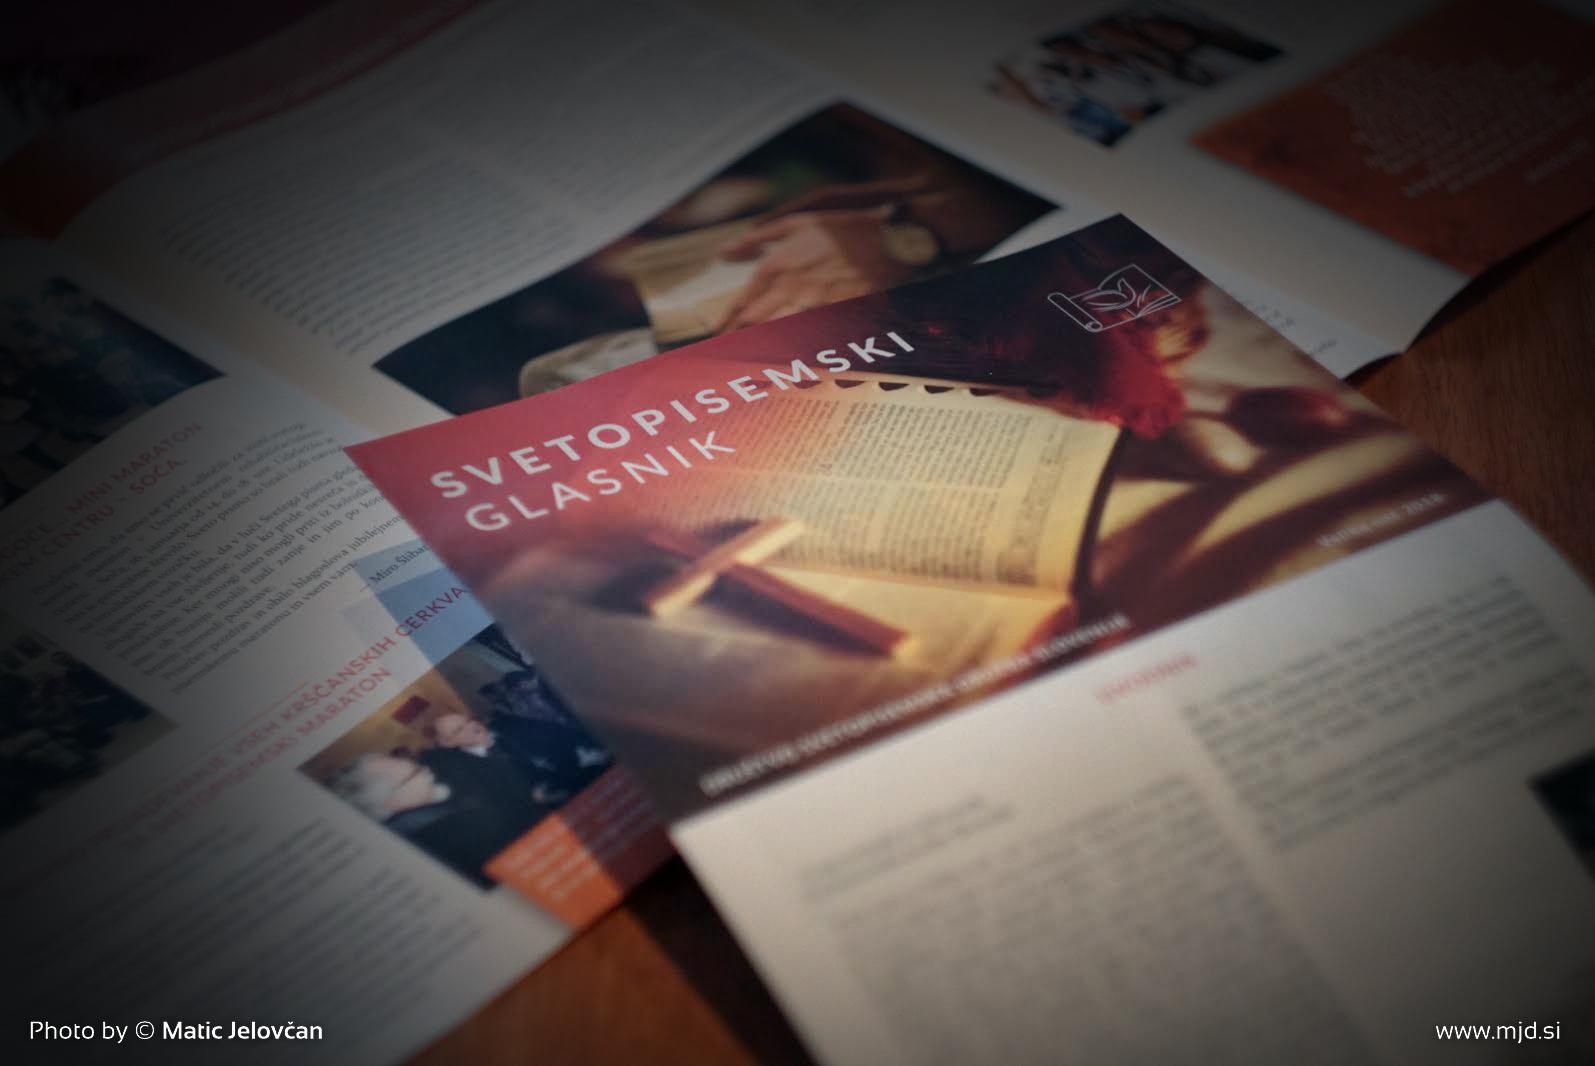 """unnamed - Easter edition of the """"Svetopisemski glasnik"""""""